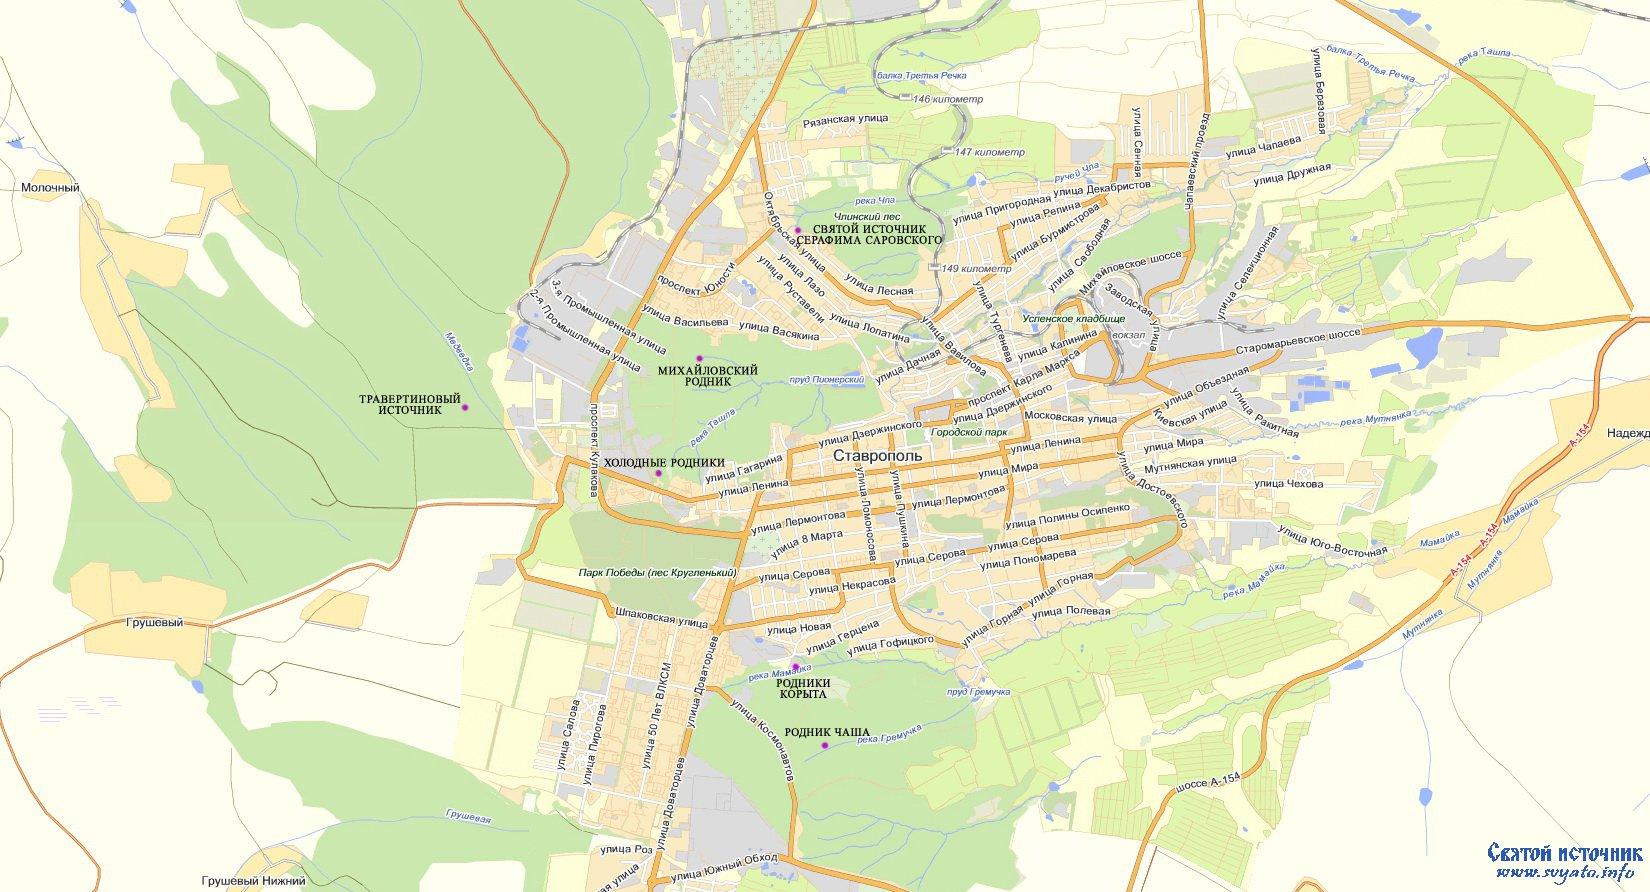 Карта Села Кочубеевского С Улицами - faqzavod: http://faqzavod.weebly.com/blog/4900708